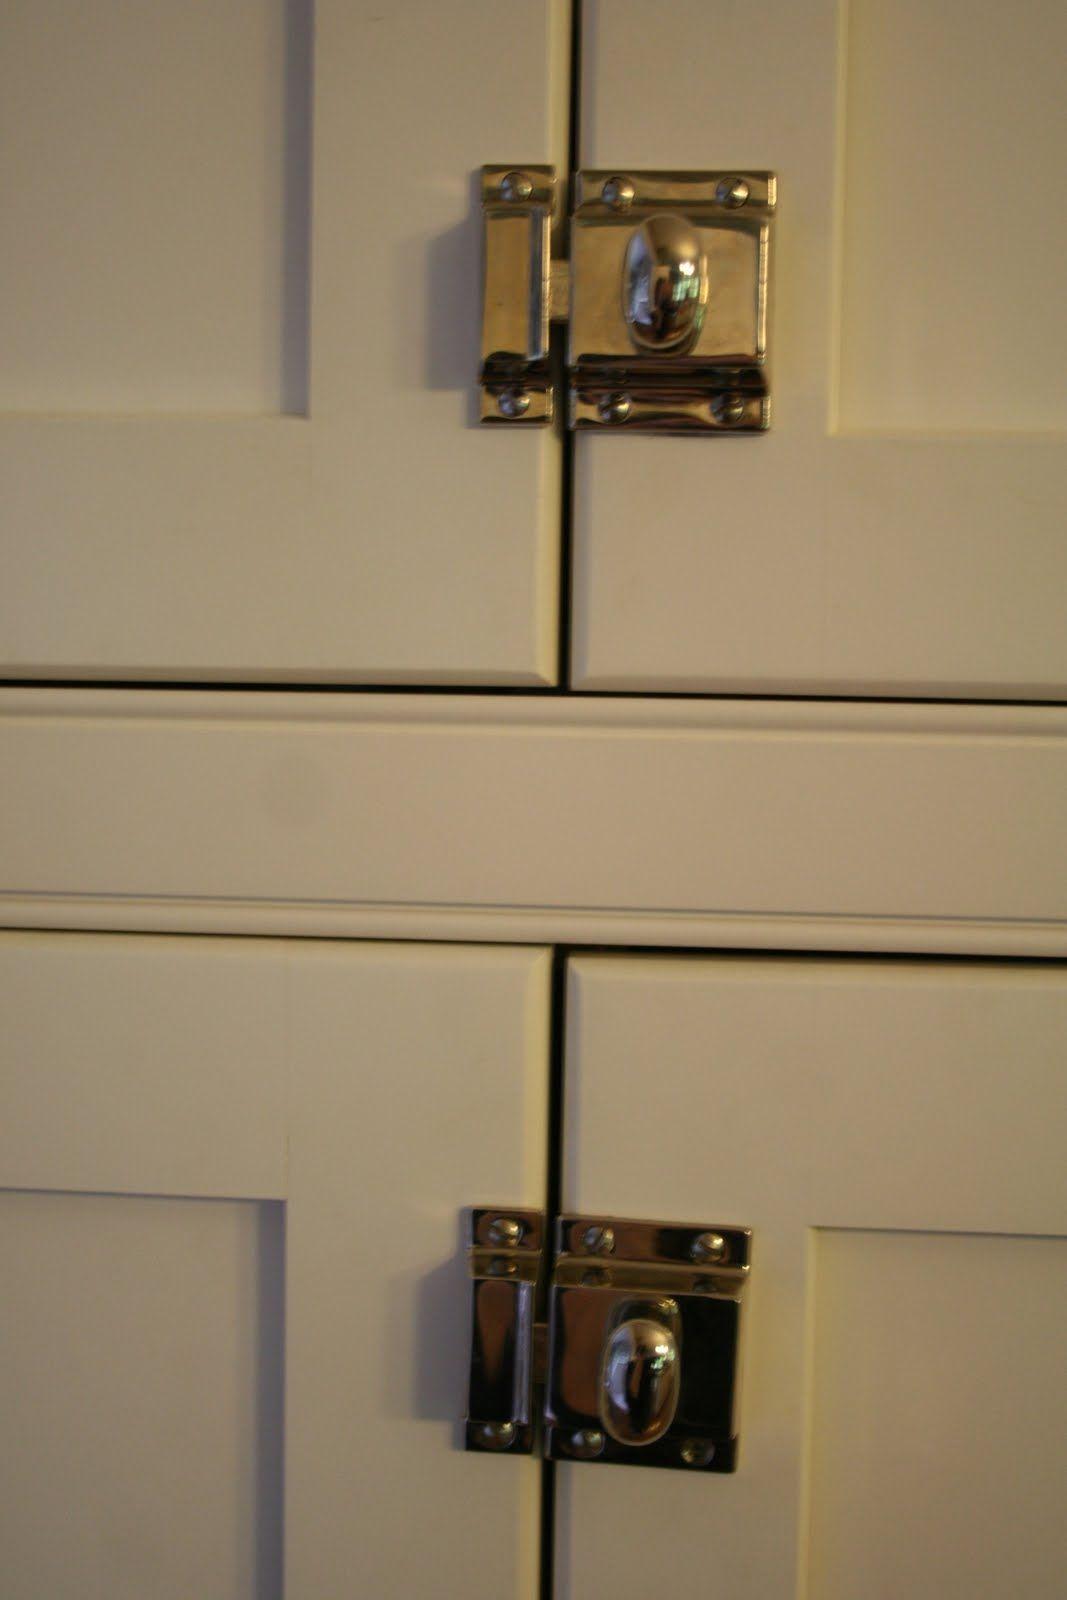 Kitchen cabinet door latches httpfranzdondi pinterest kitchen cabinet door latches planetlyrics Gallery